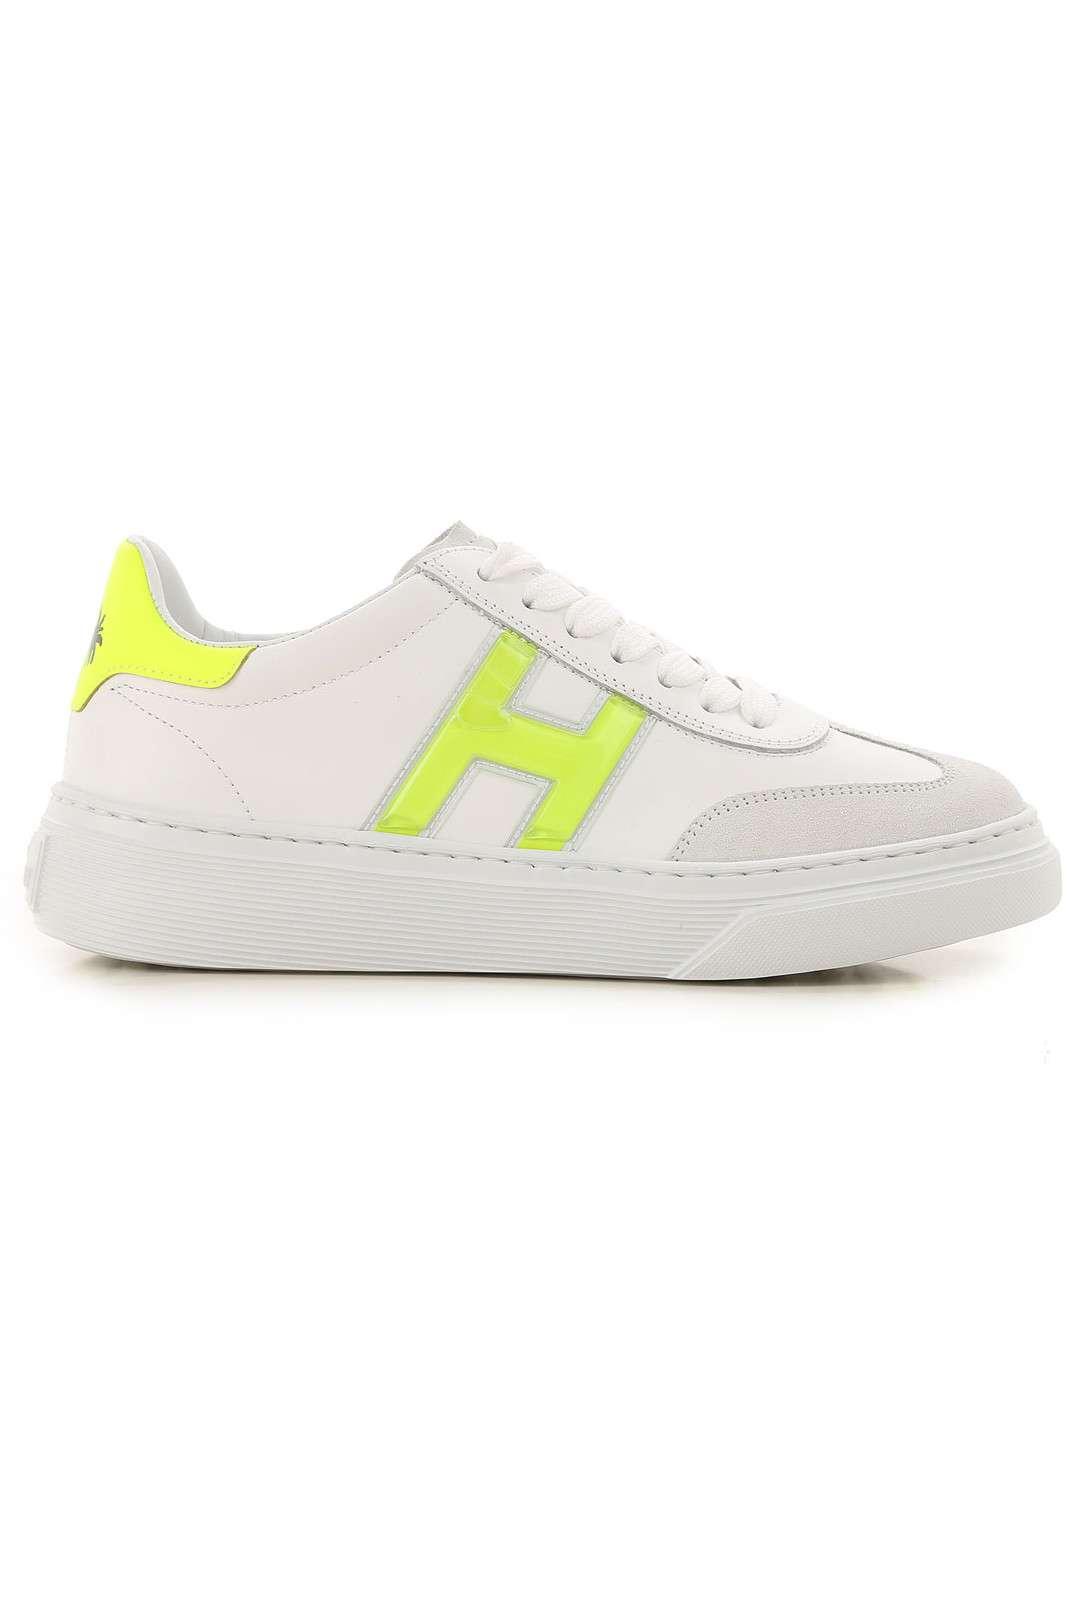 Una sneaker iconica e particolare, la H365 PALME, per la donna che ama stupire in ogni occasione.  Il look classico del brand, viene impreziosito da una tonalità fluo, applicata sul maxi logo laterale, e da una stampa palme sul tallone.  Una calzatura moderna e fashion.